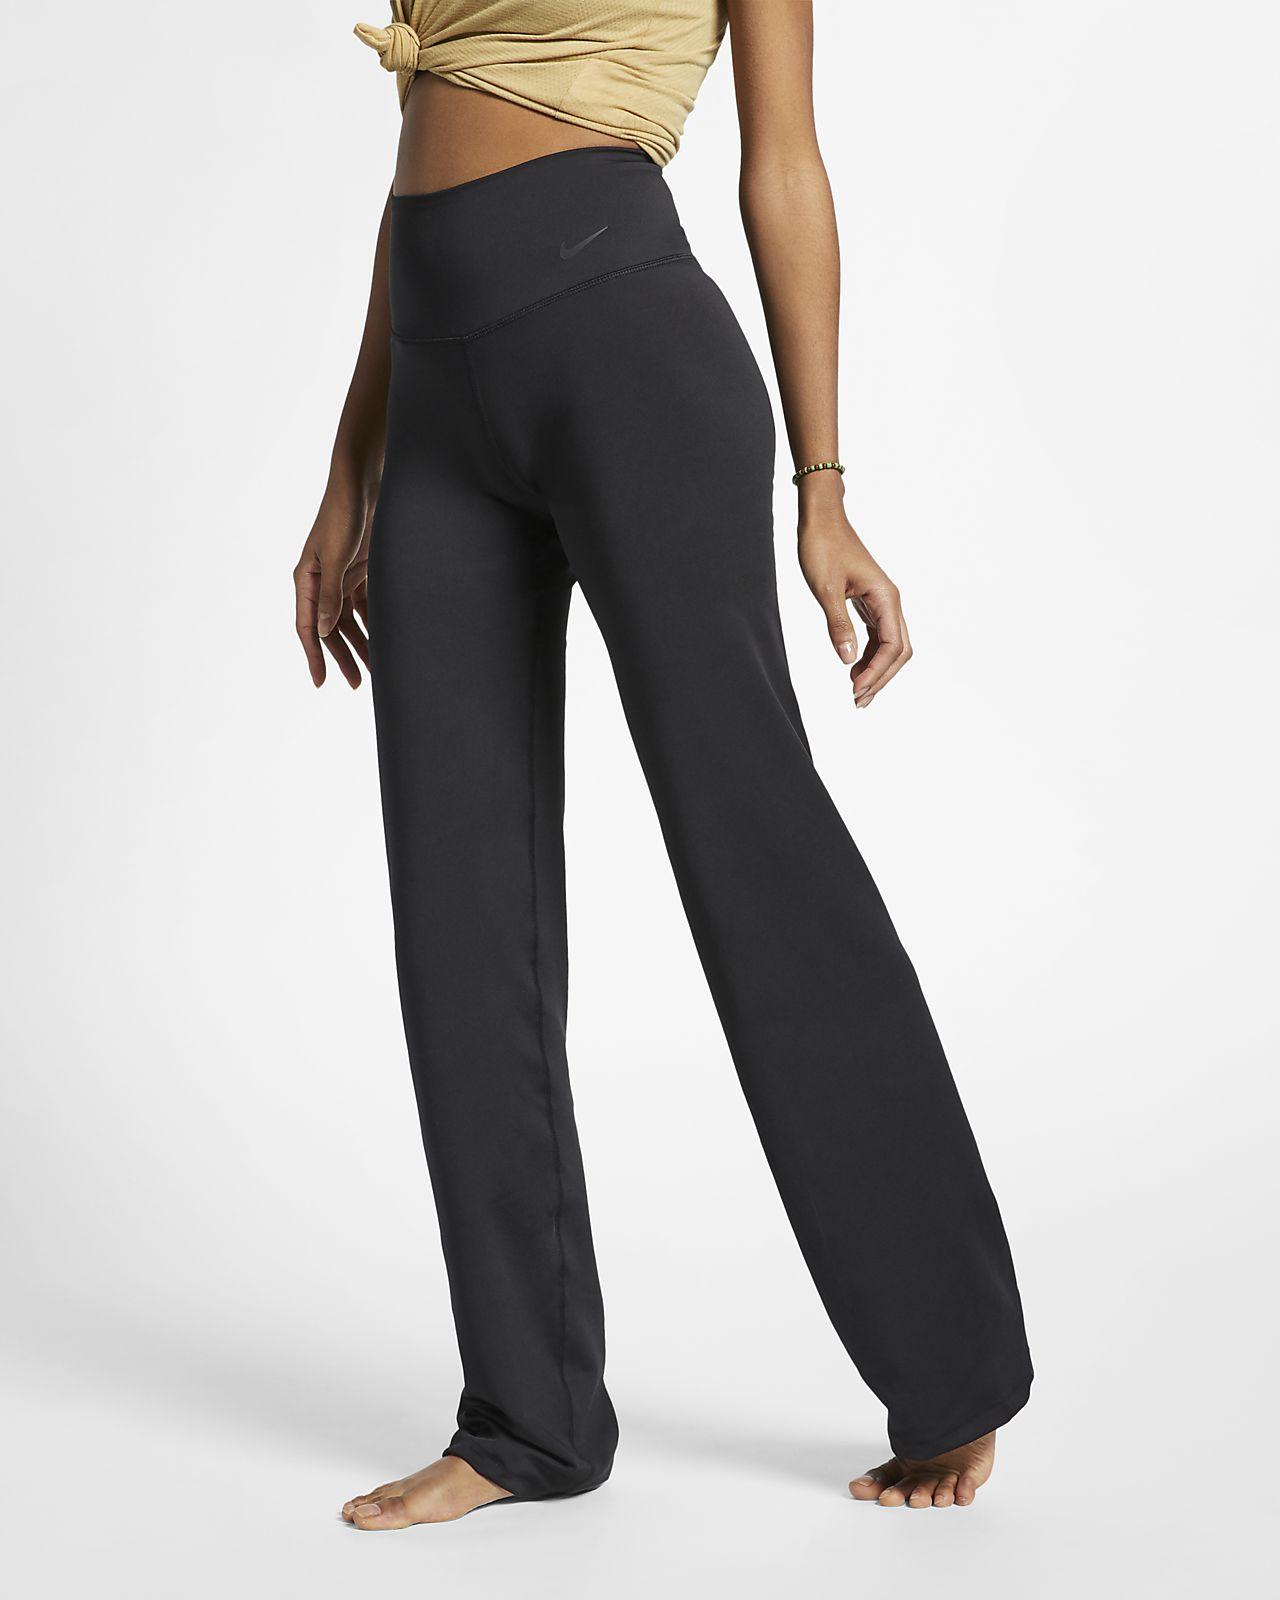 Γυναικείο παντελόνι προπόνησης για γιόγκα Nike Power